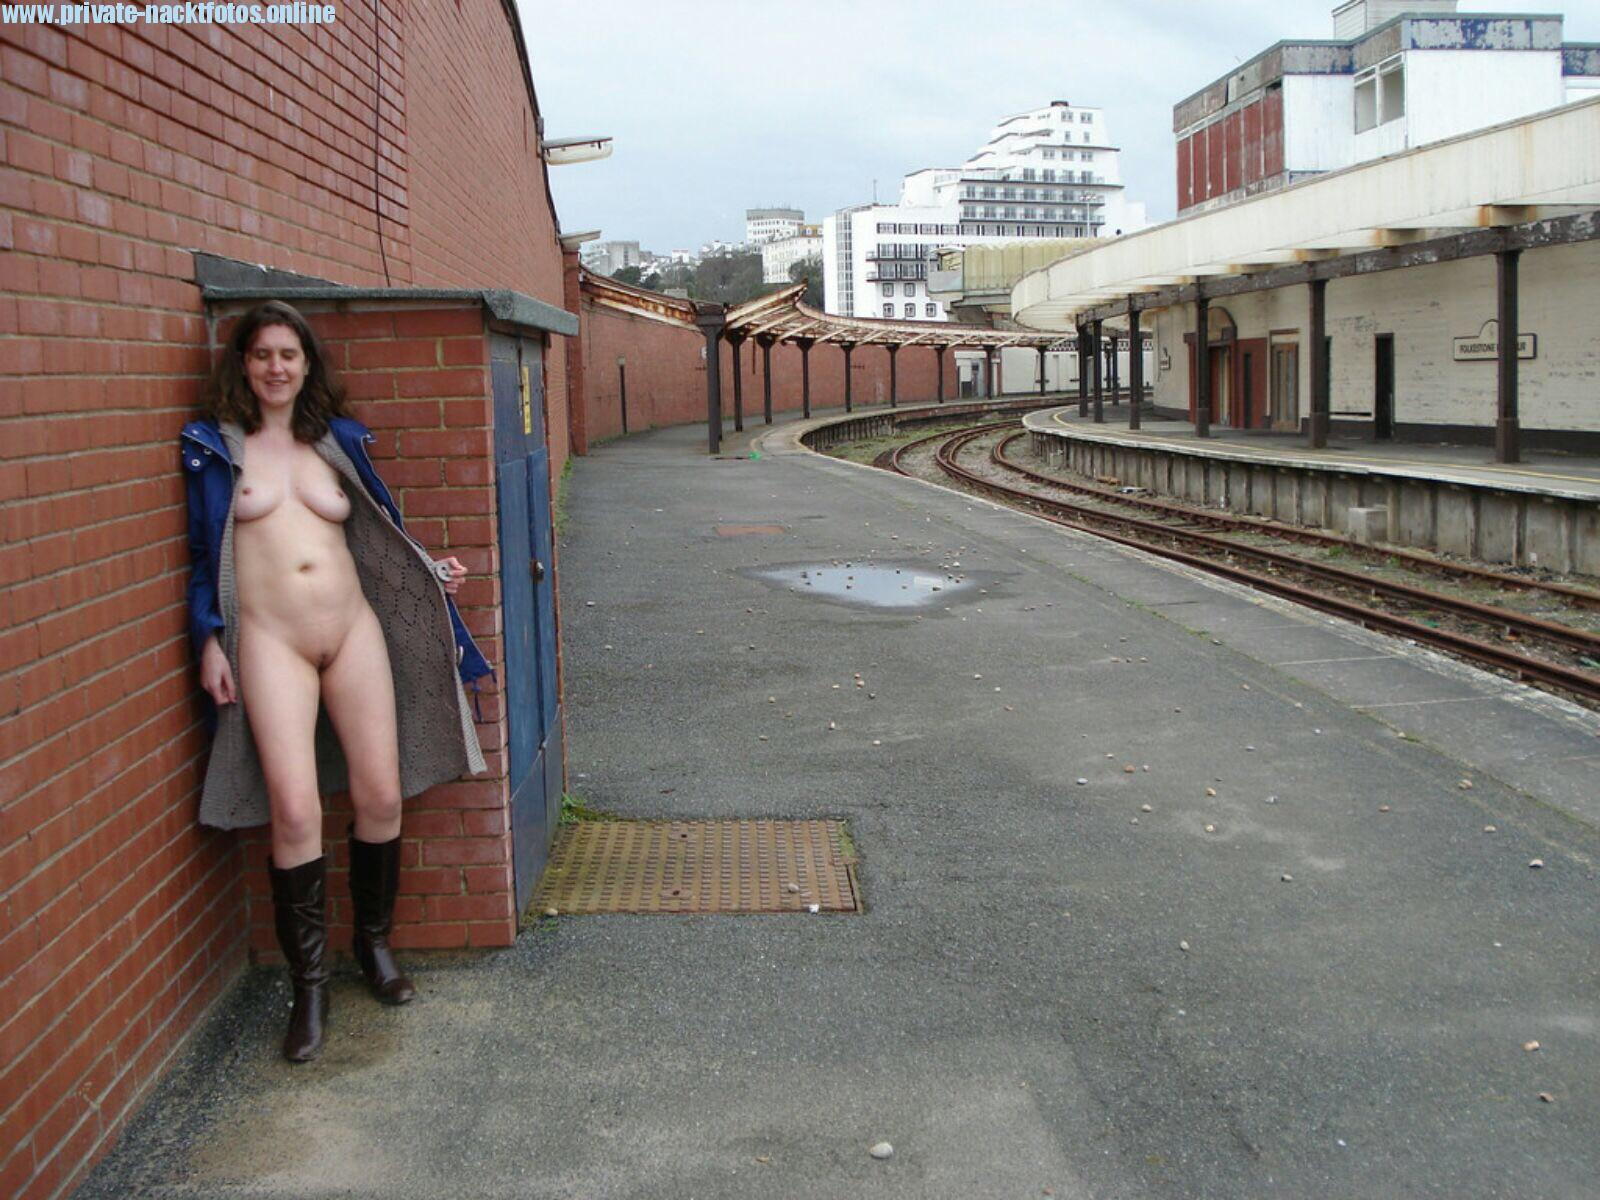 Oeffentliche Nacktheit Fkk Strasse Stiefel Mantel Exhibitionistin